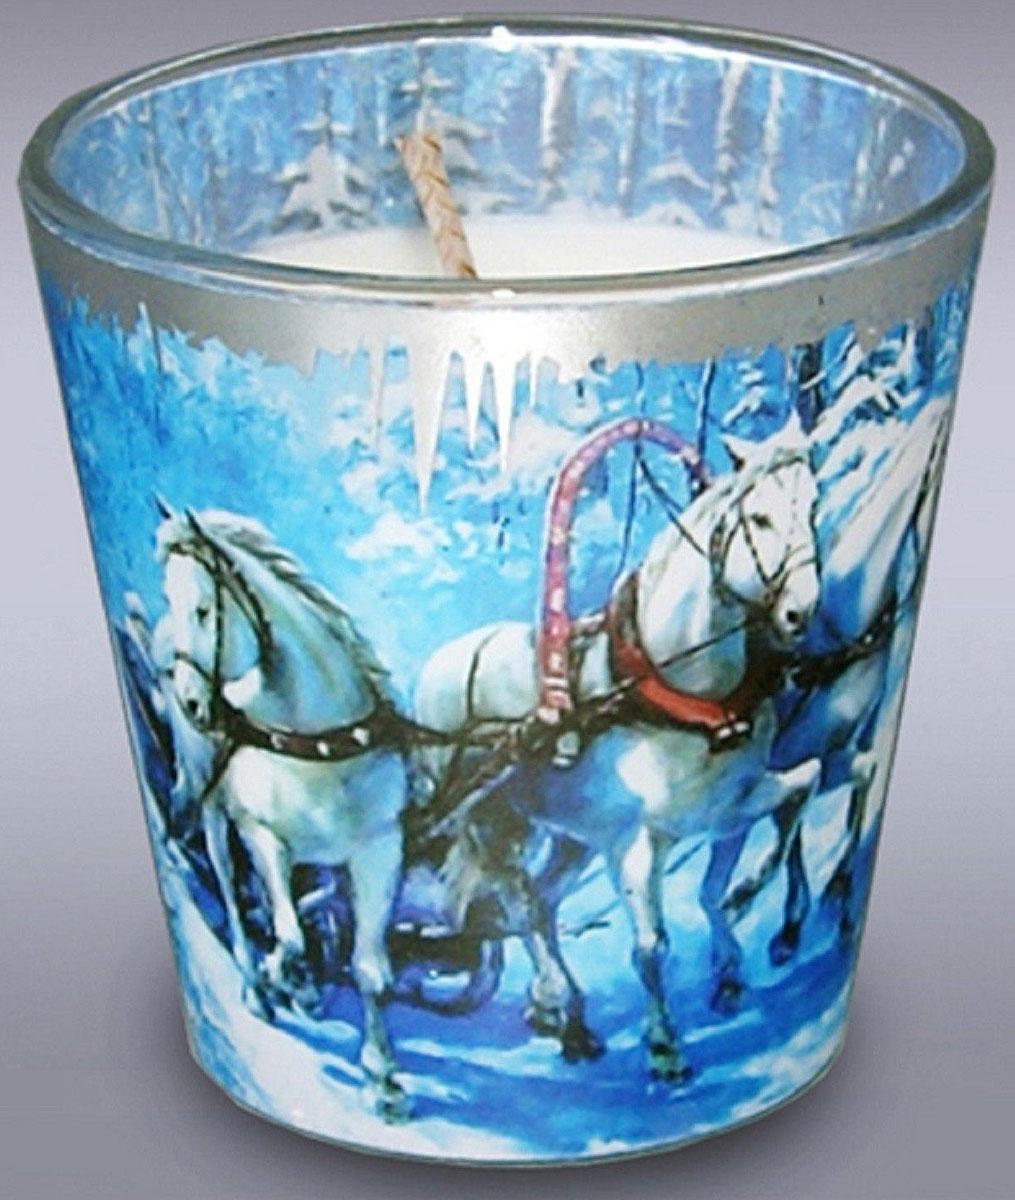 Свеча декоративная Омский свечной завод Тройка, цвет: синий, высота 6,5 см1585354Невозможно представить нашу жизнь без праздников! Мы всегда ждем их и предвкушаем, обдумываем, как проведем памятный день, тщательно выбираем подарки и аксессуары, ведь именно они создают и поддерживают торжественный настрой. Свеча в стакане Тройка средняя - это отличный выбор, который привнесет атмосферу праздника в ваш дом!Невозможно представить нашу жизнь без праздников! Мы всегда ждем их и предвкушаем, обдумываем, как проведем памятный день, тщательно выбираем подарки и аксессуары, ведь именно они создают и поддерживают торжественный настрой. Свеча в стакане Тройка средняя - это отличный выбор, который привнесет атмосферу праздника в ваш дом!Какой новогодний стол без свечей? Вместе с мандаринами, шампанским и еловыми ветвями они создадут сказочную атмосферу, а их притягательное пламя подарит ощущение уюта и тепла.А еще это отличная идея для подарка! Свеча в стакане Тройка средняя оградит от невзгод и поможет во всех начинаниях в будущем году.Пусть удача сопутствует вам и вашим близким!Какой новогодний стол без свечей? Вместе с мандаринами, шампанским и еловыми ветвями они создадут сказочную атмосферу, а их притягательное пламя подарит ощущение уюта и тепла.А еще это отличная идея для подарка! Свеча в стакане Тройка средняя оградит от невзгод и поможет во всех начинаниях в будущем году.Пусть удача сопутствует вам и вашим близким!Каждому хозяину периодически приходит мысль обновить свою квартиру, сделать ремонт, перестановку или кардинально поменять внешний вид каждой комнаты. Свеча в стакане Тройка средняя - привлекательная деталь, которая поможет воплотить вашу интерьерную идею, создать неповторимую атмосферу в вашем доме. Окружите себя приятными мелочами, пусть они радуют глаз и дарят гармонию.Каждому хозяину периодически приходит мысль обновить свою квартиру, сделать ремонт, перестановку или кардинально поменять внешний вид каждой комнаты. Свеча в стакане Тройка средняя - привлека